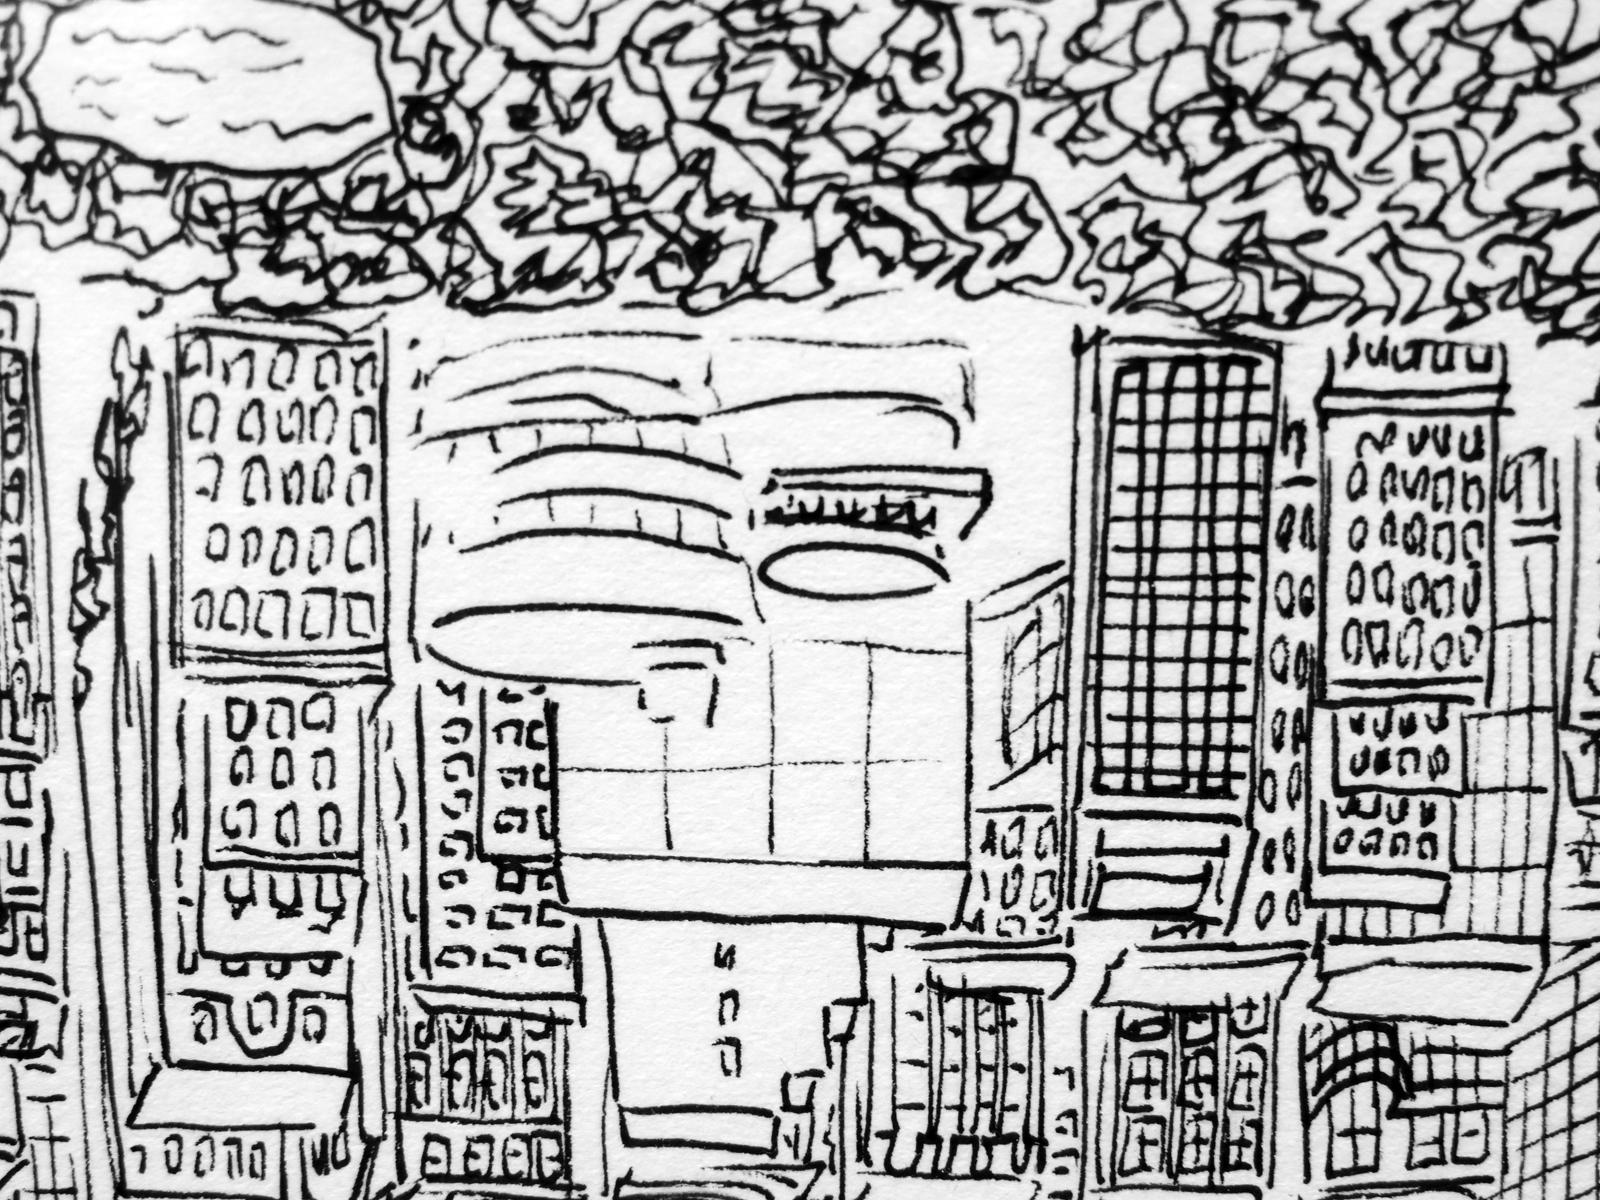 1600x1200 Martin La Roche's Astonishing Cityscapes Talking Beautiful Stuff